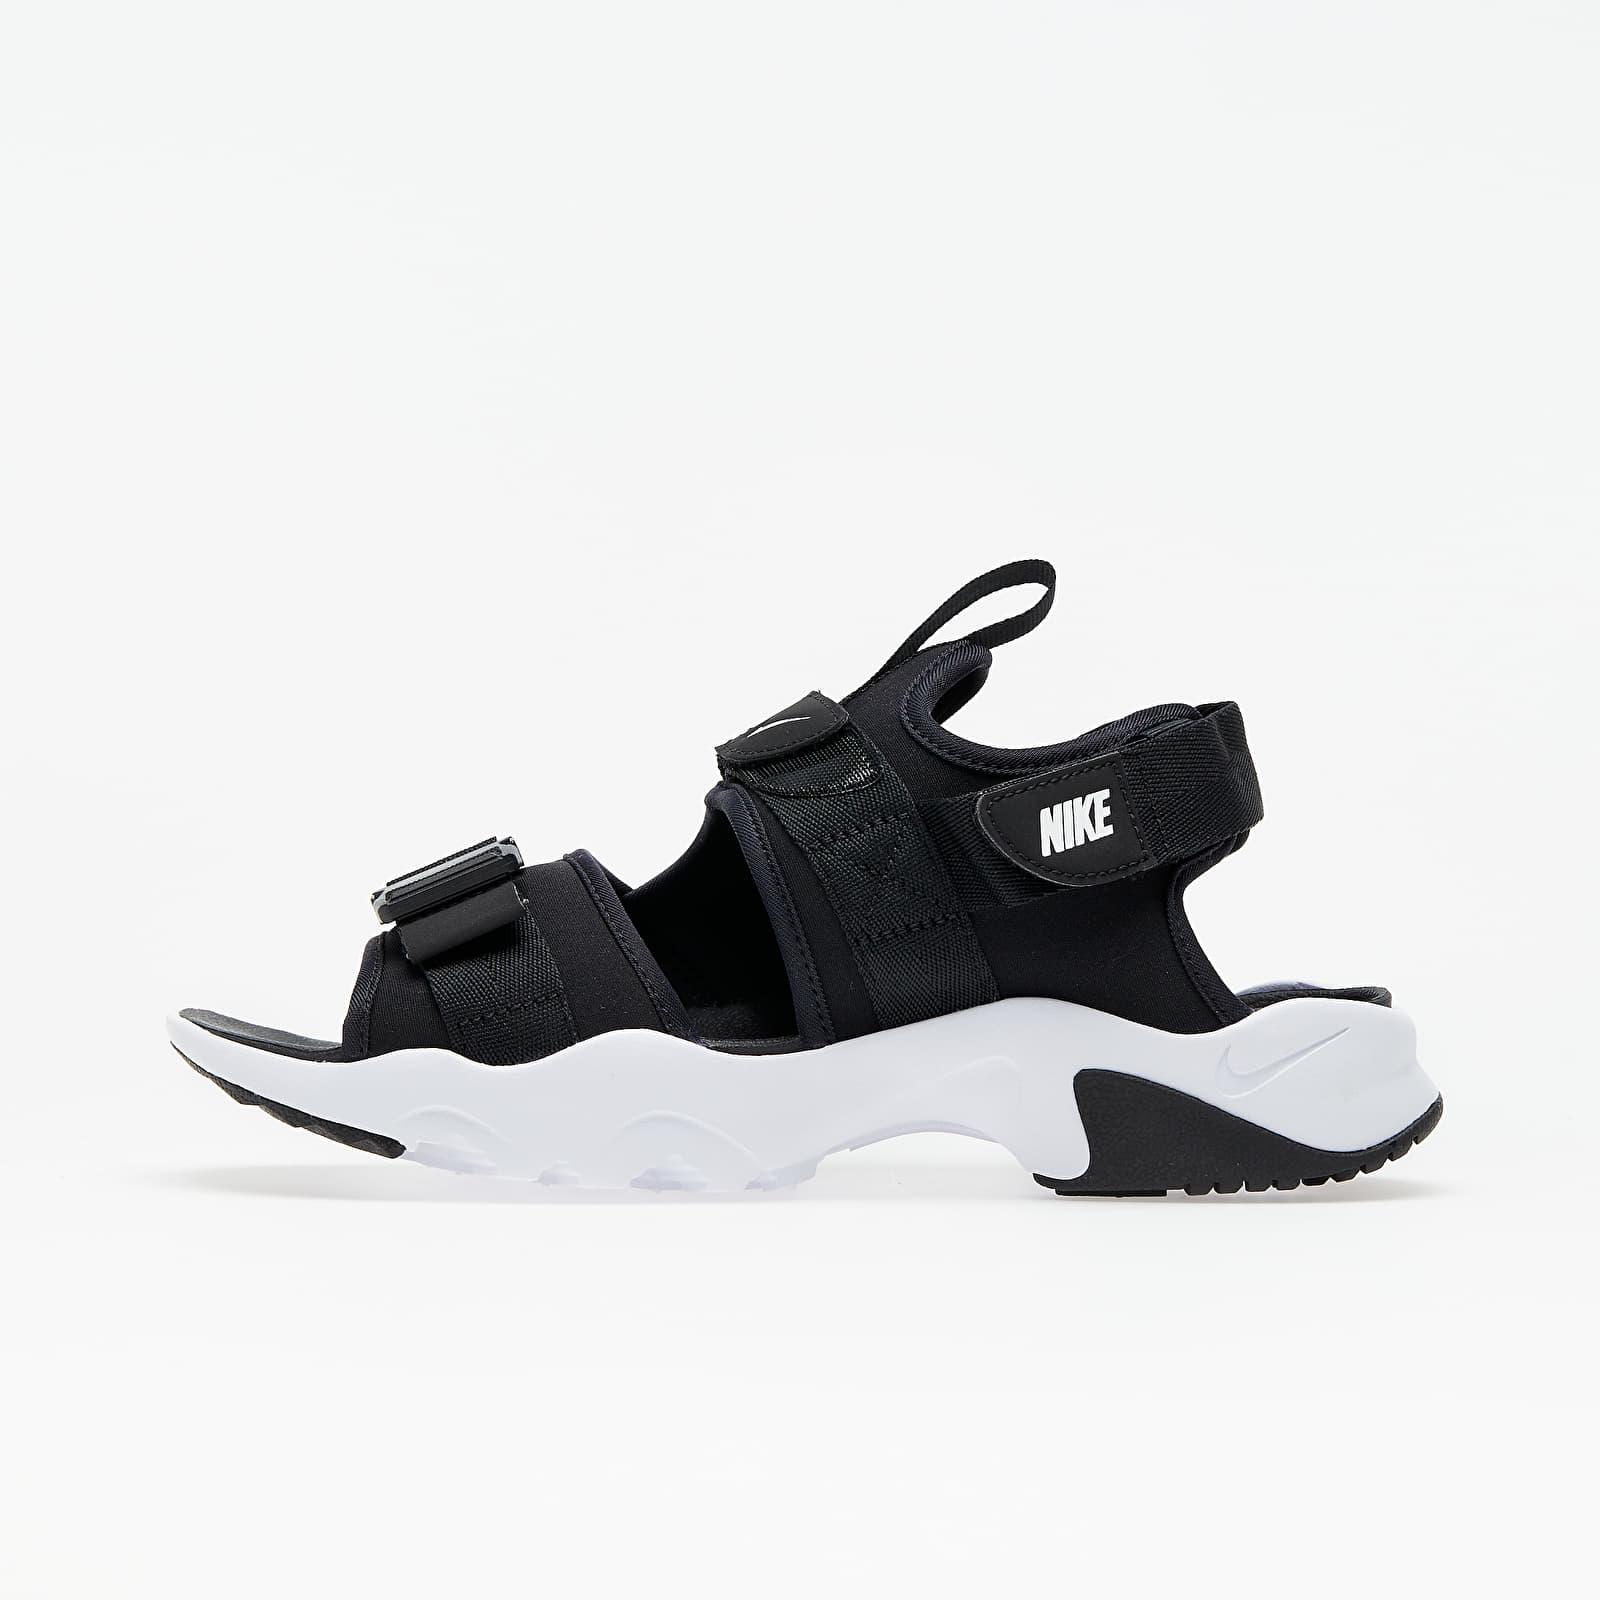 Încălțăminte și sneakerși pentru femei Nike Wmns Canyon Sandal Black/ White-Black